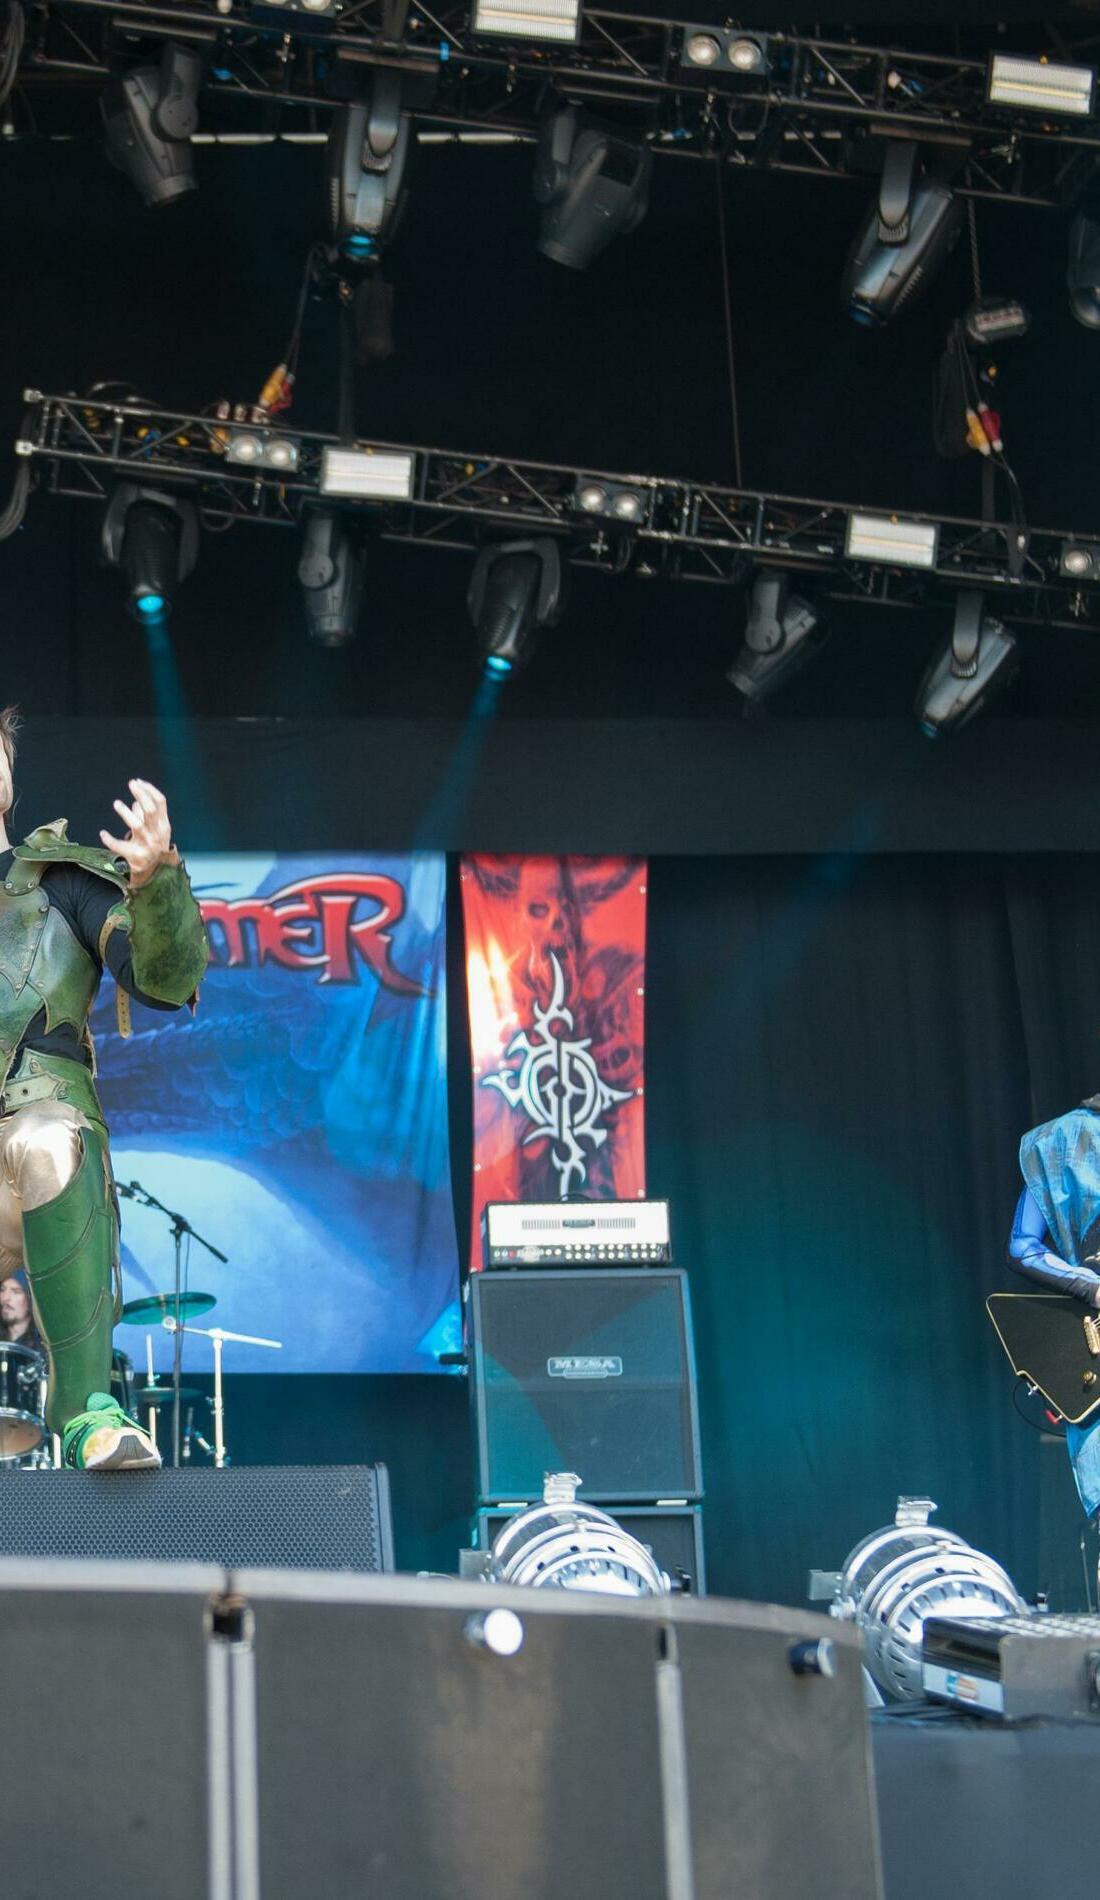 A Gloryhammer live event